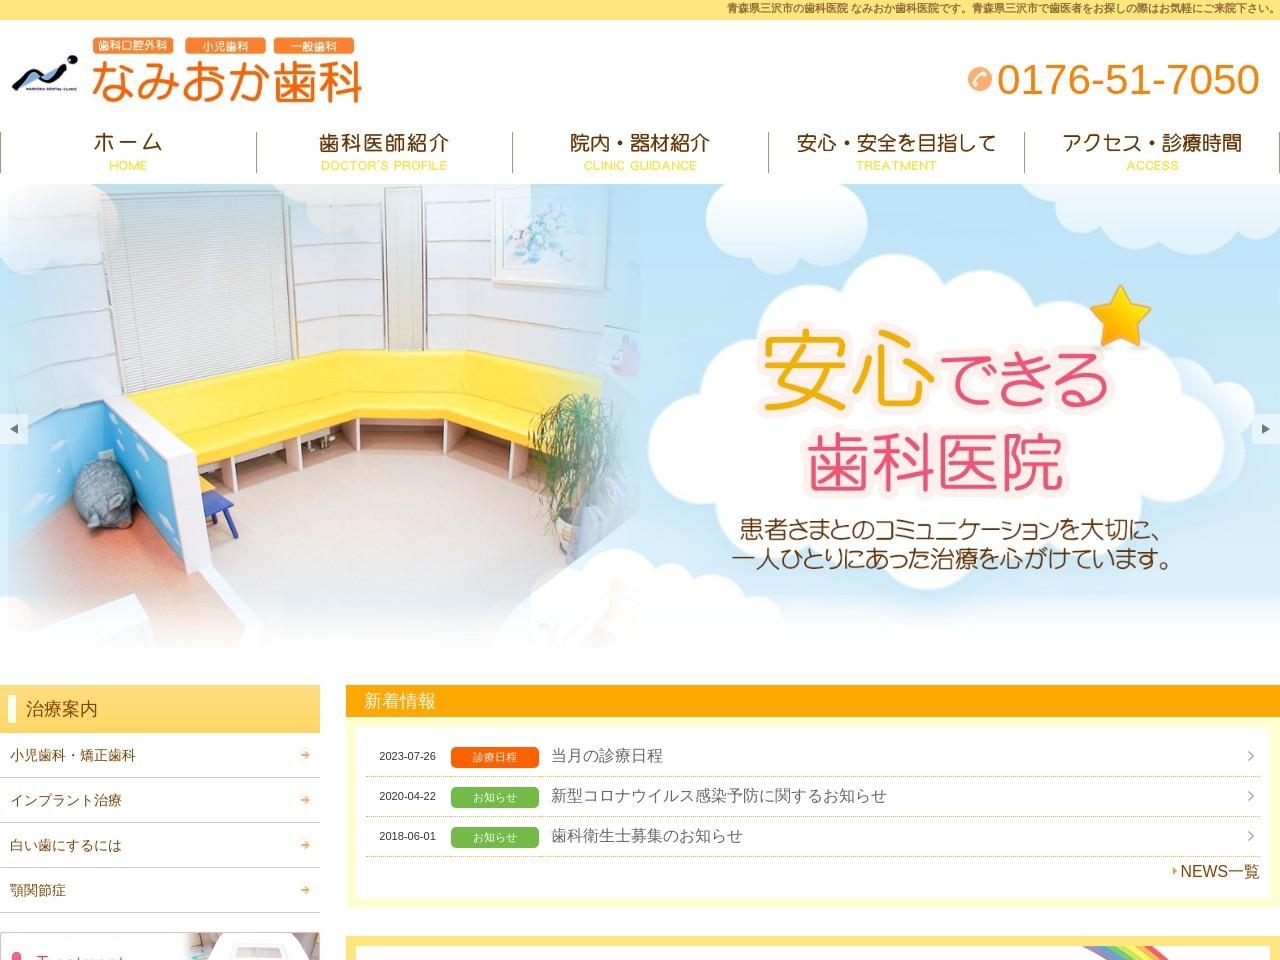 なみおか歯科医院 (青森県三沢市)